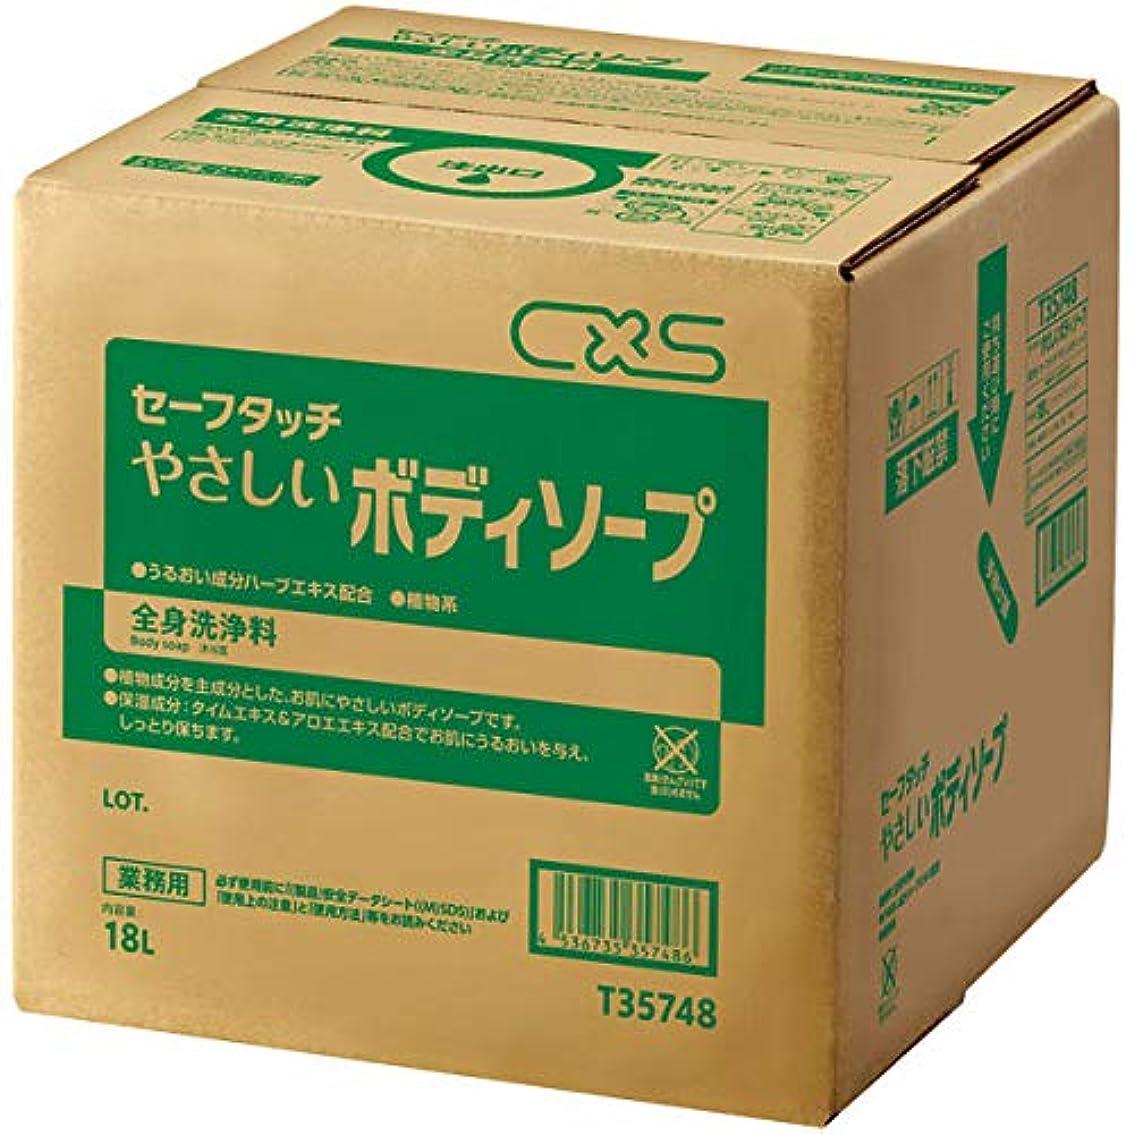 ヒステリック適性ヶ月目シーバイエス 全身洗浄料セーフタッチやさしいボディソープ 18L (T35748) 1個